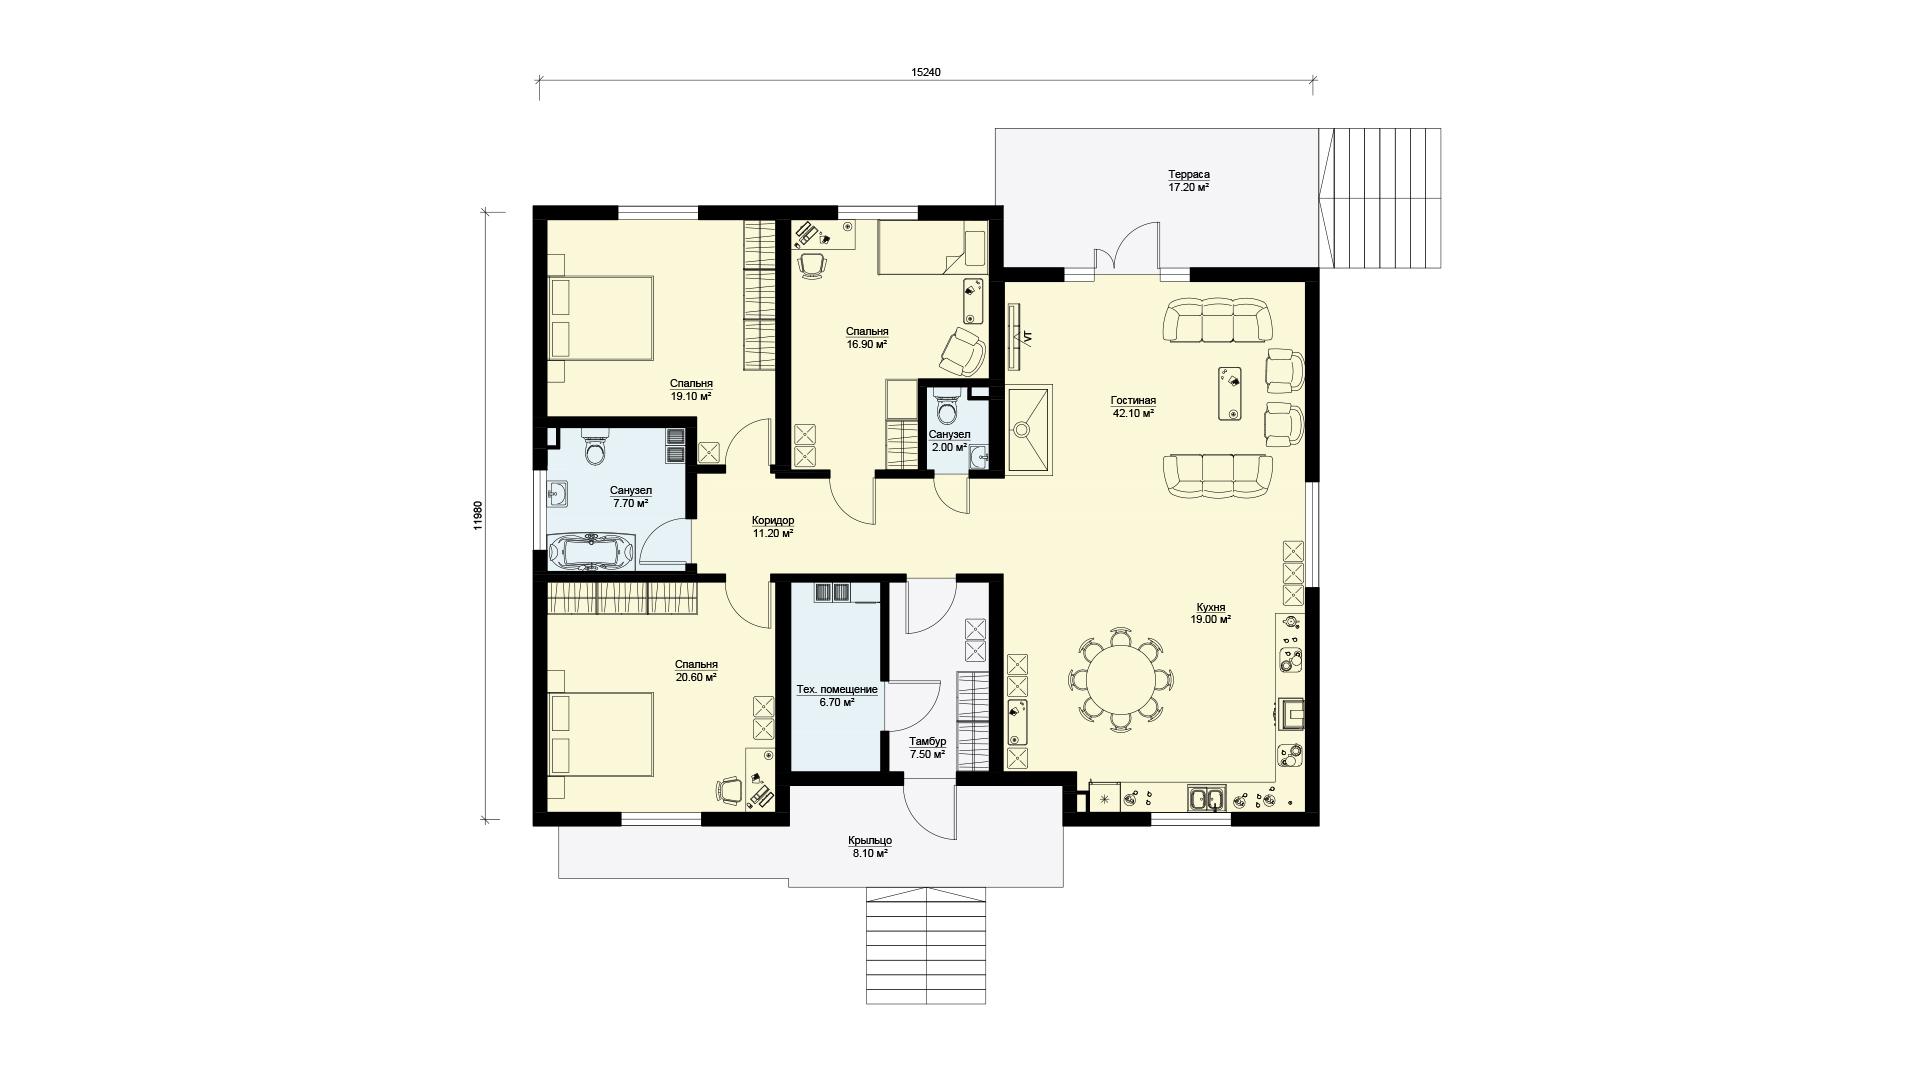 Планировка одноэтажного дома с верандой, проект БЭНПАН МС-178.